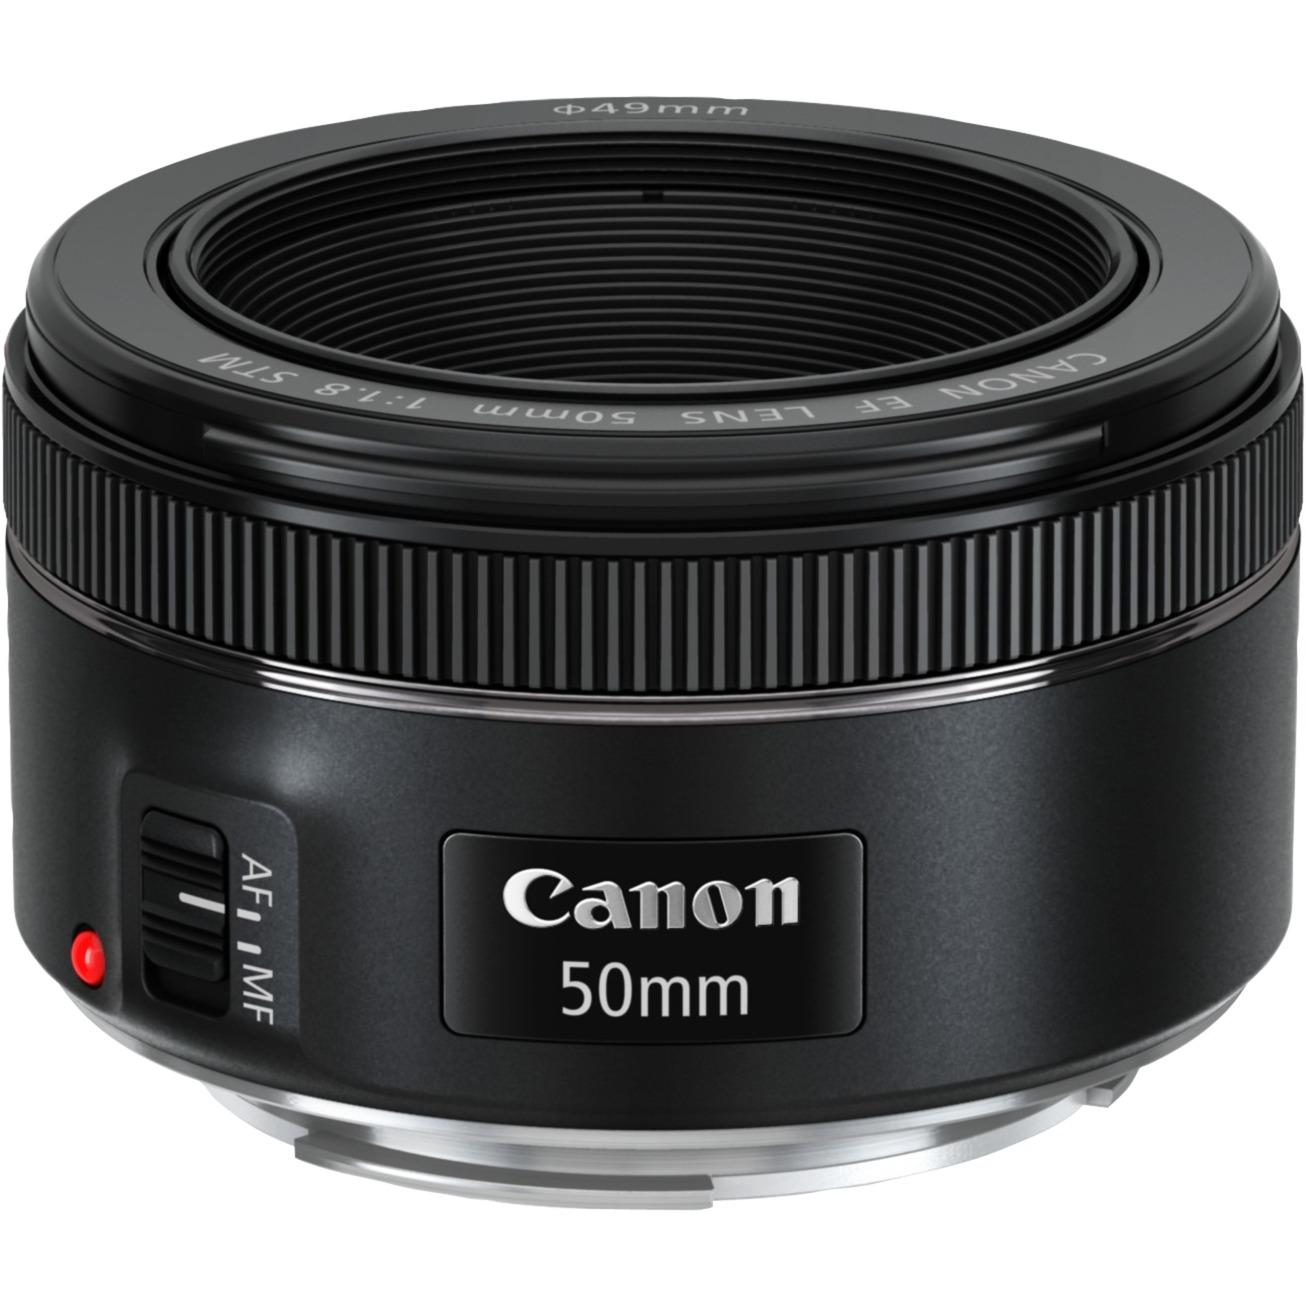 EF 50mm f/1,8 STM, Objetivos